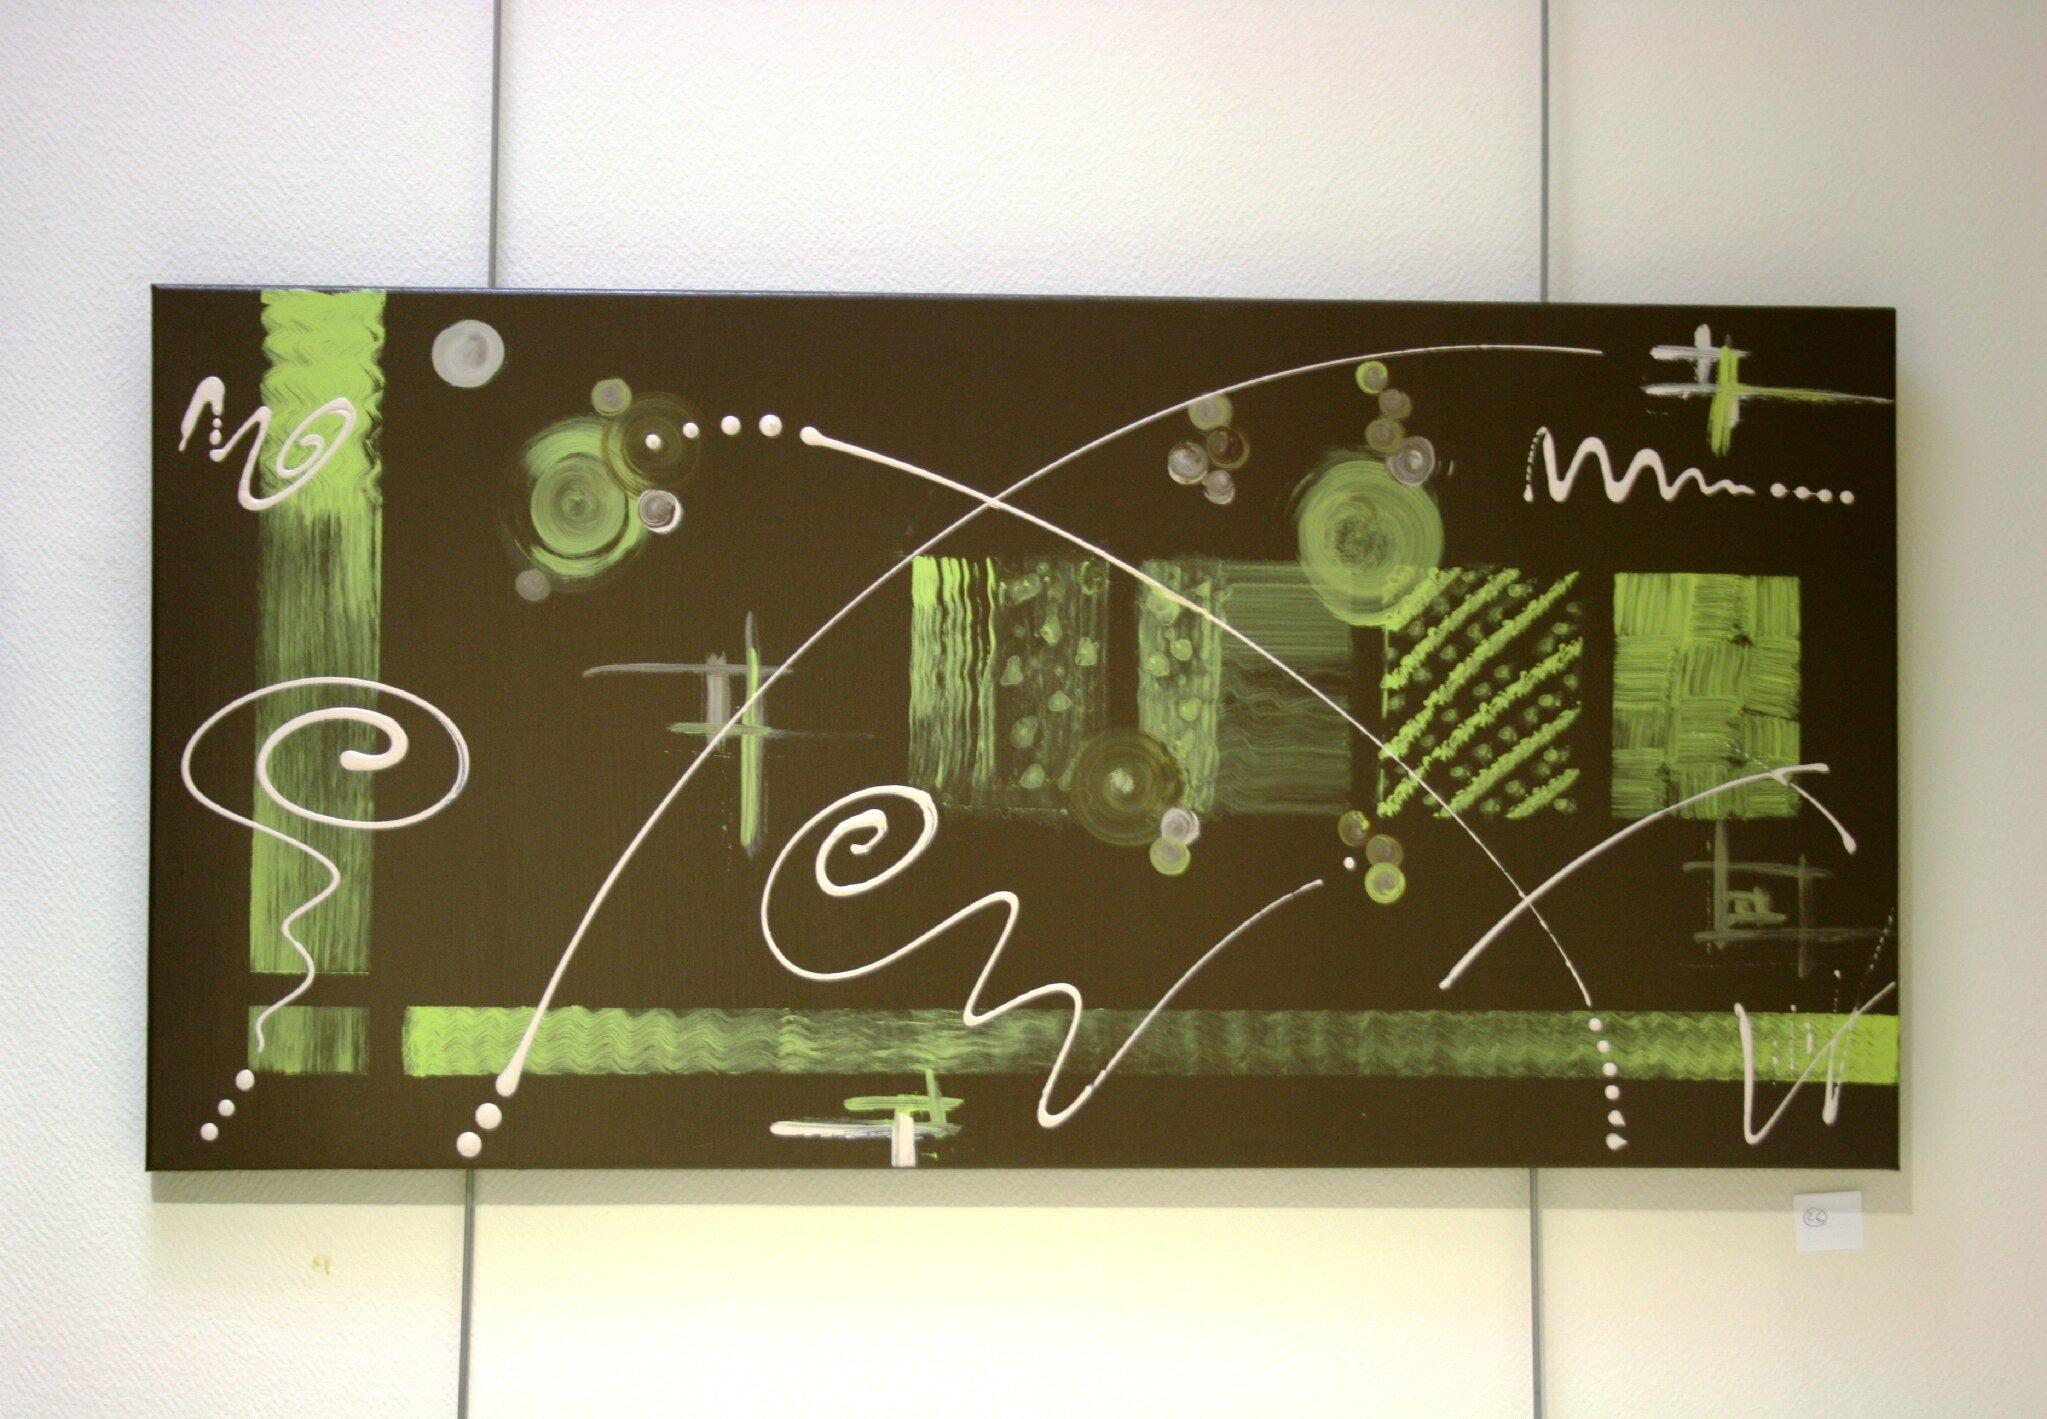 Shoshamba tableau contemporain abstrait marron et vert bambou l art contem - Comment faire un tableau contemporain ...